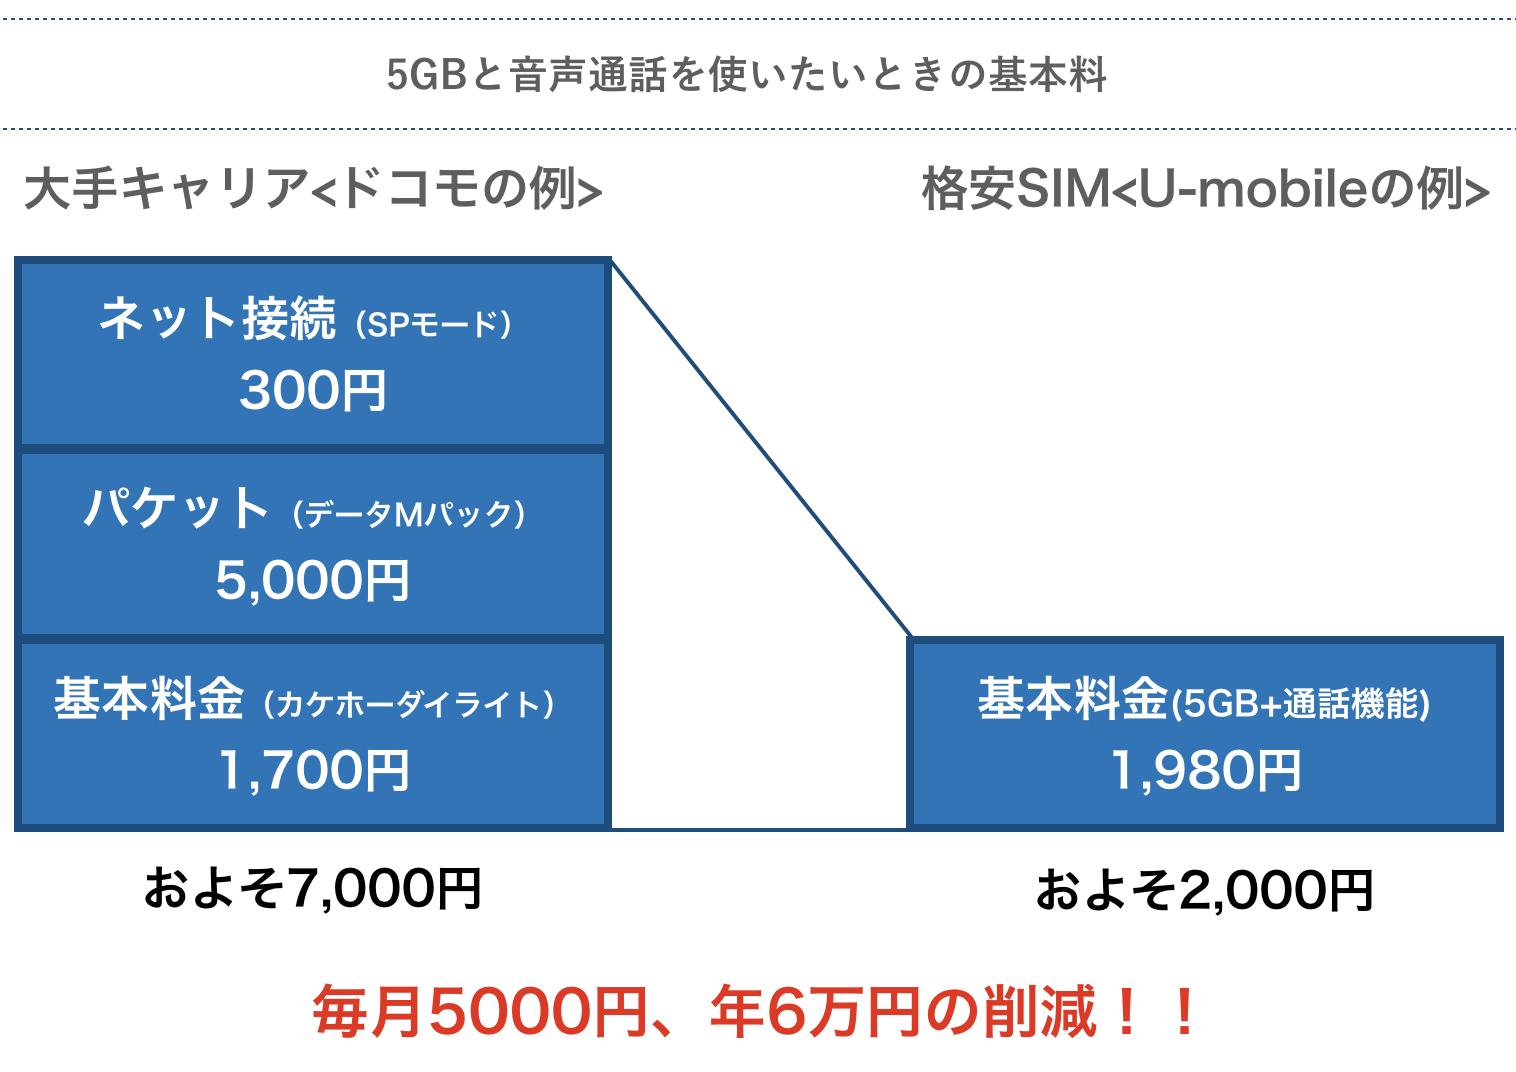 ドコモと格安SIMの基本料比較